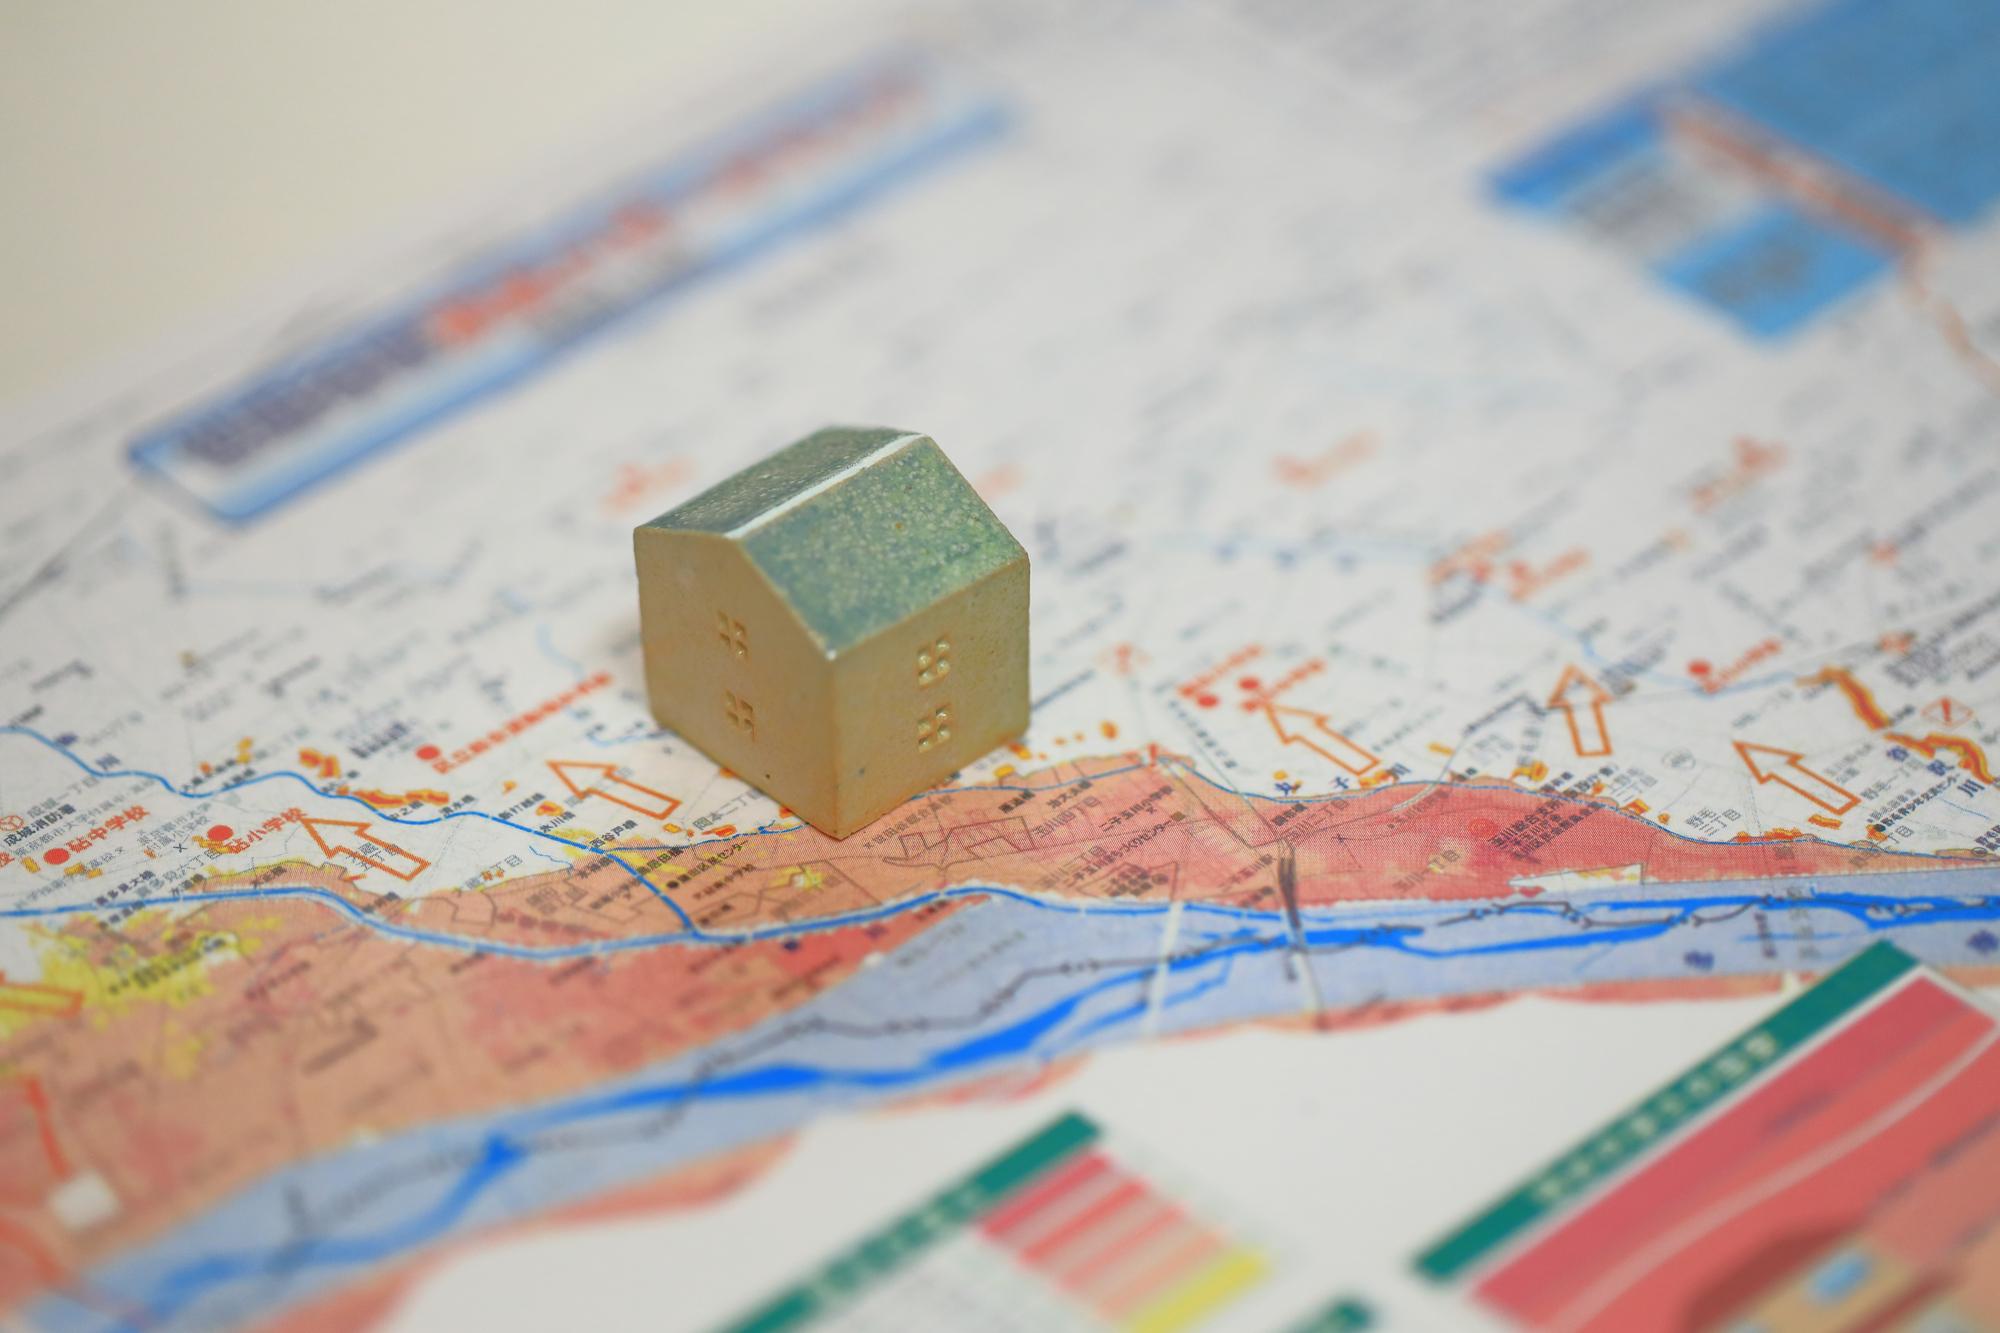 ハザードマップとは?種類や確認すべきポイントなどを解説